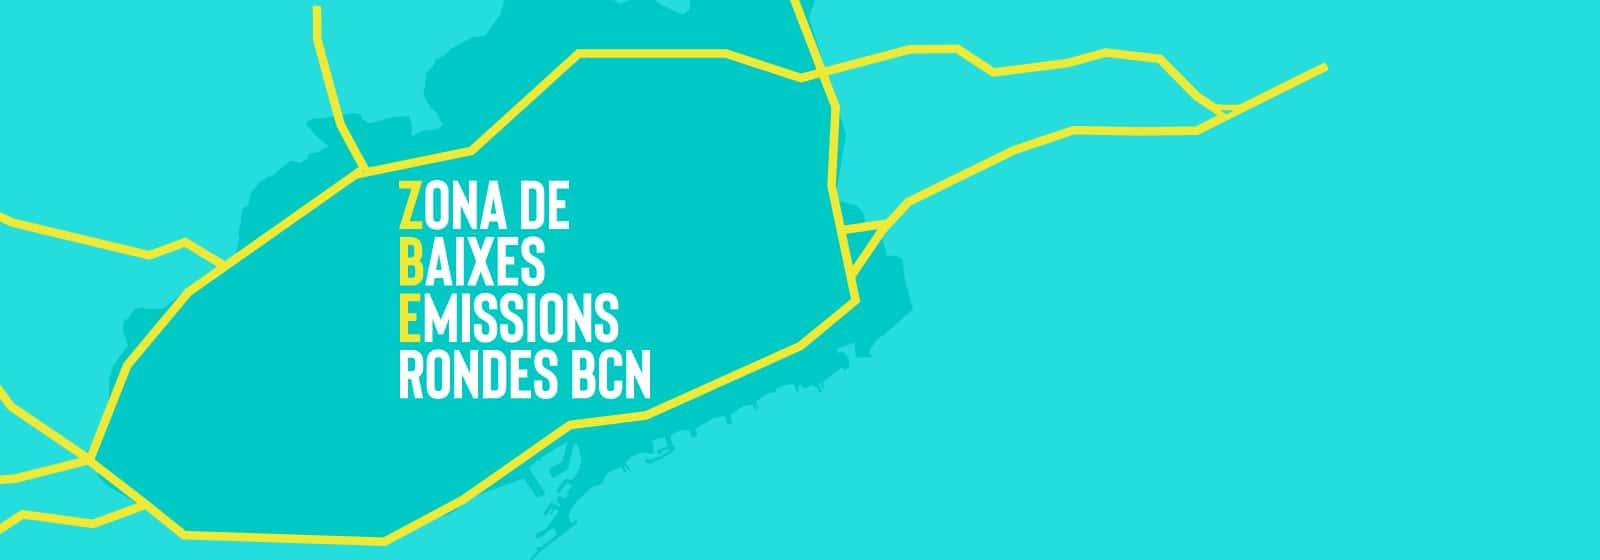 Normativa Zona de Baixes Emissions Rondes Barcelona